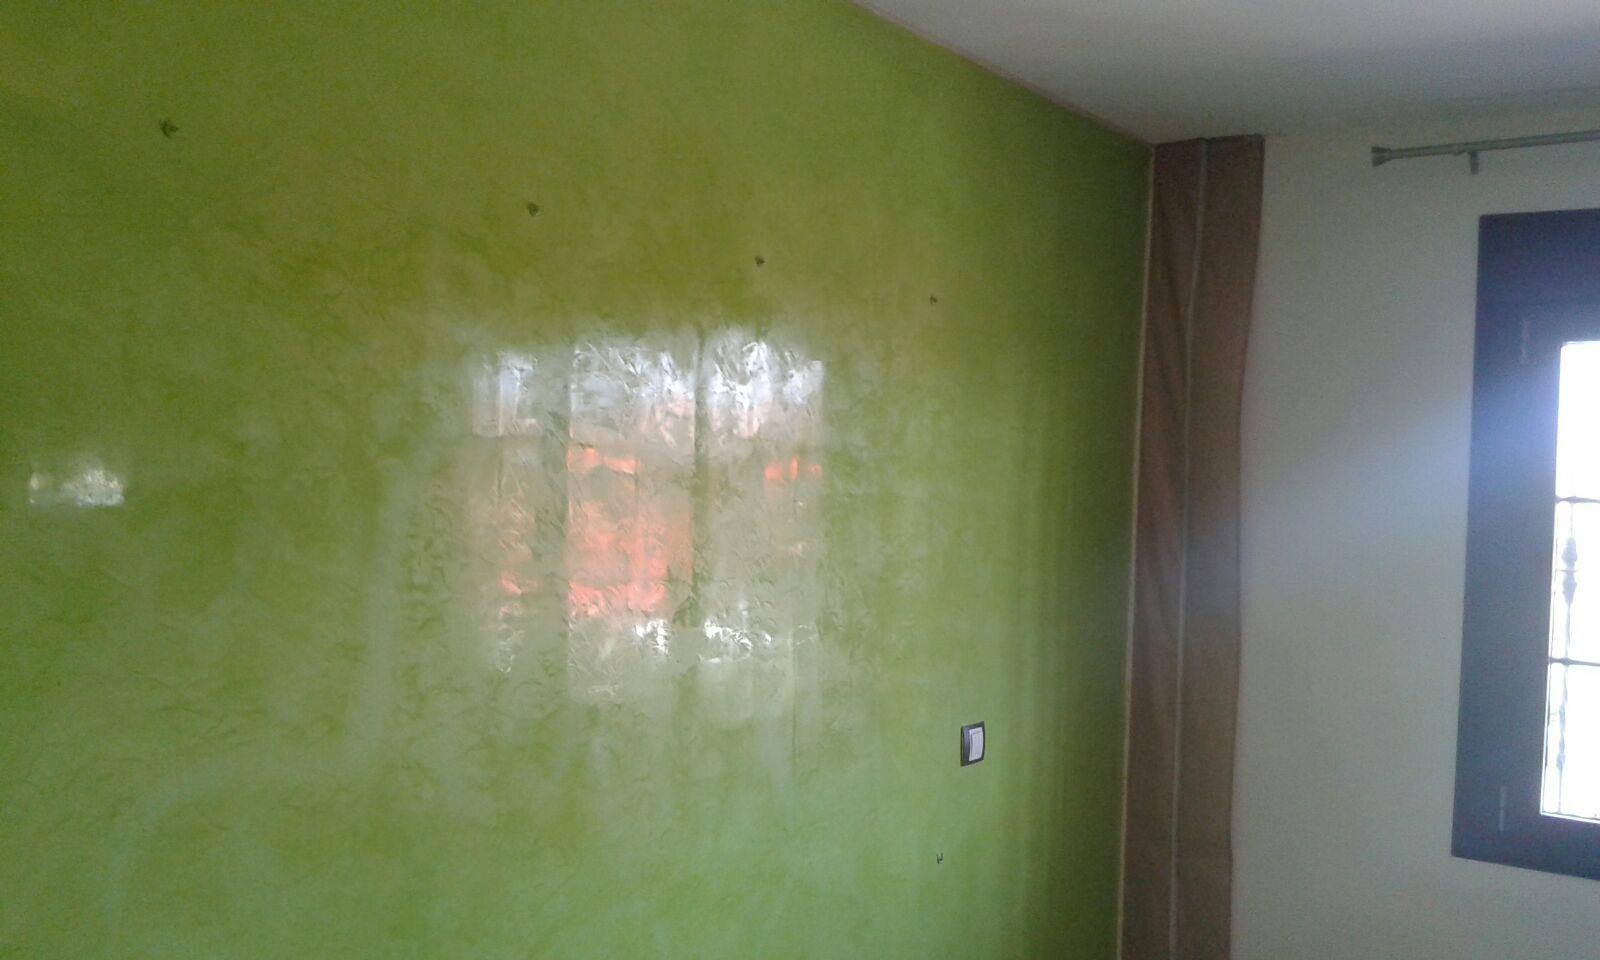 Estuco veneciano veteado color verde 15 pintores en - Pinturas estuco veneciano ...